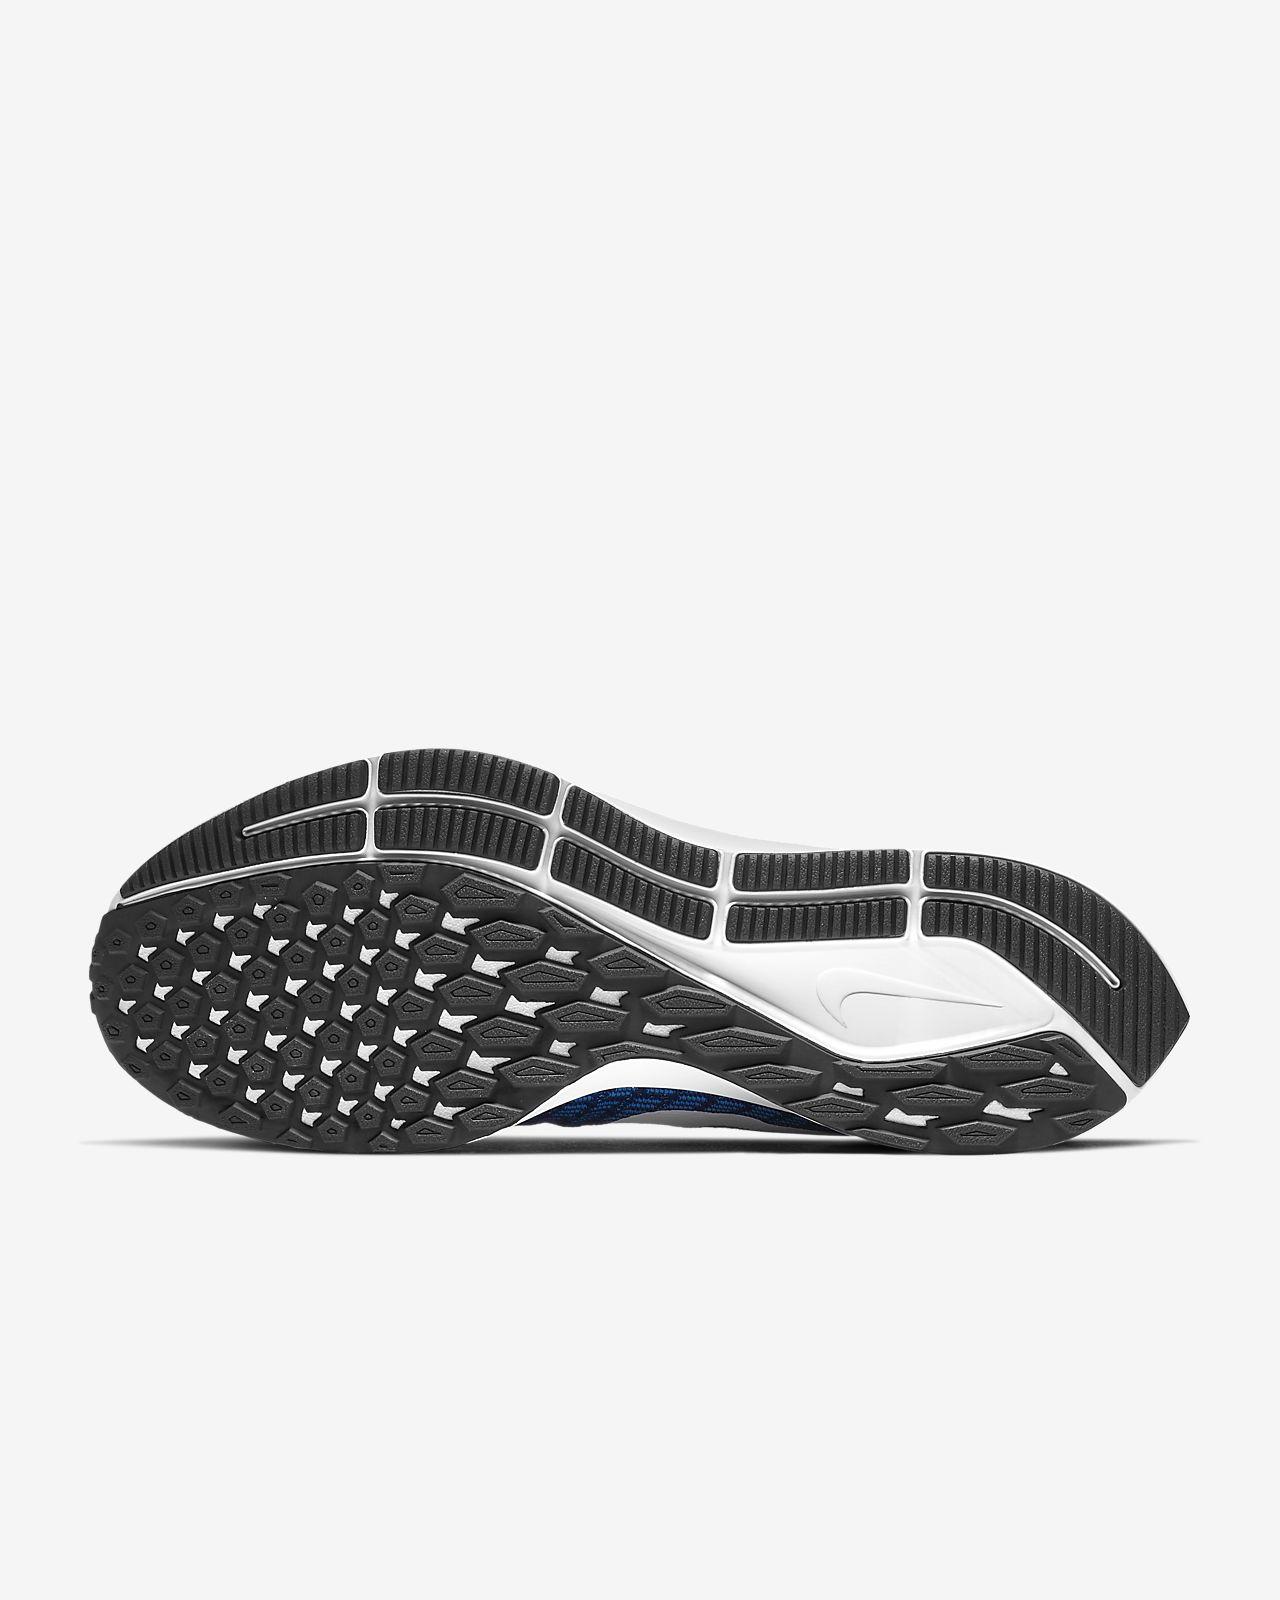 46c0418f66ded Nike Air Zoom Pegasus 35 Men s Running Shoe. Nike.com IN